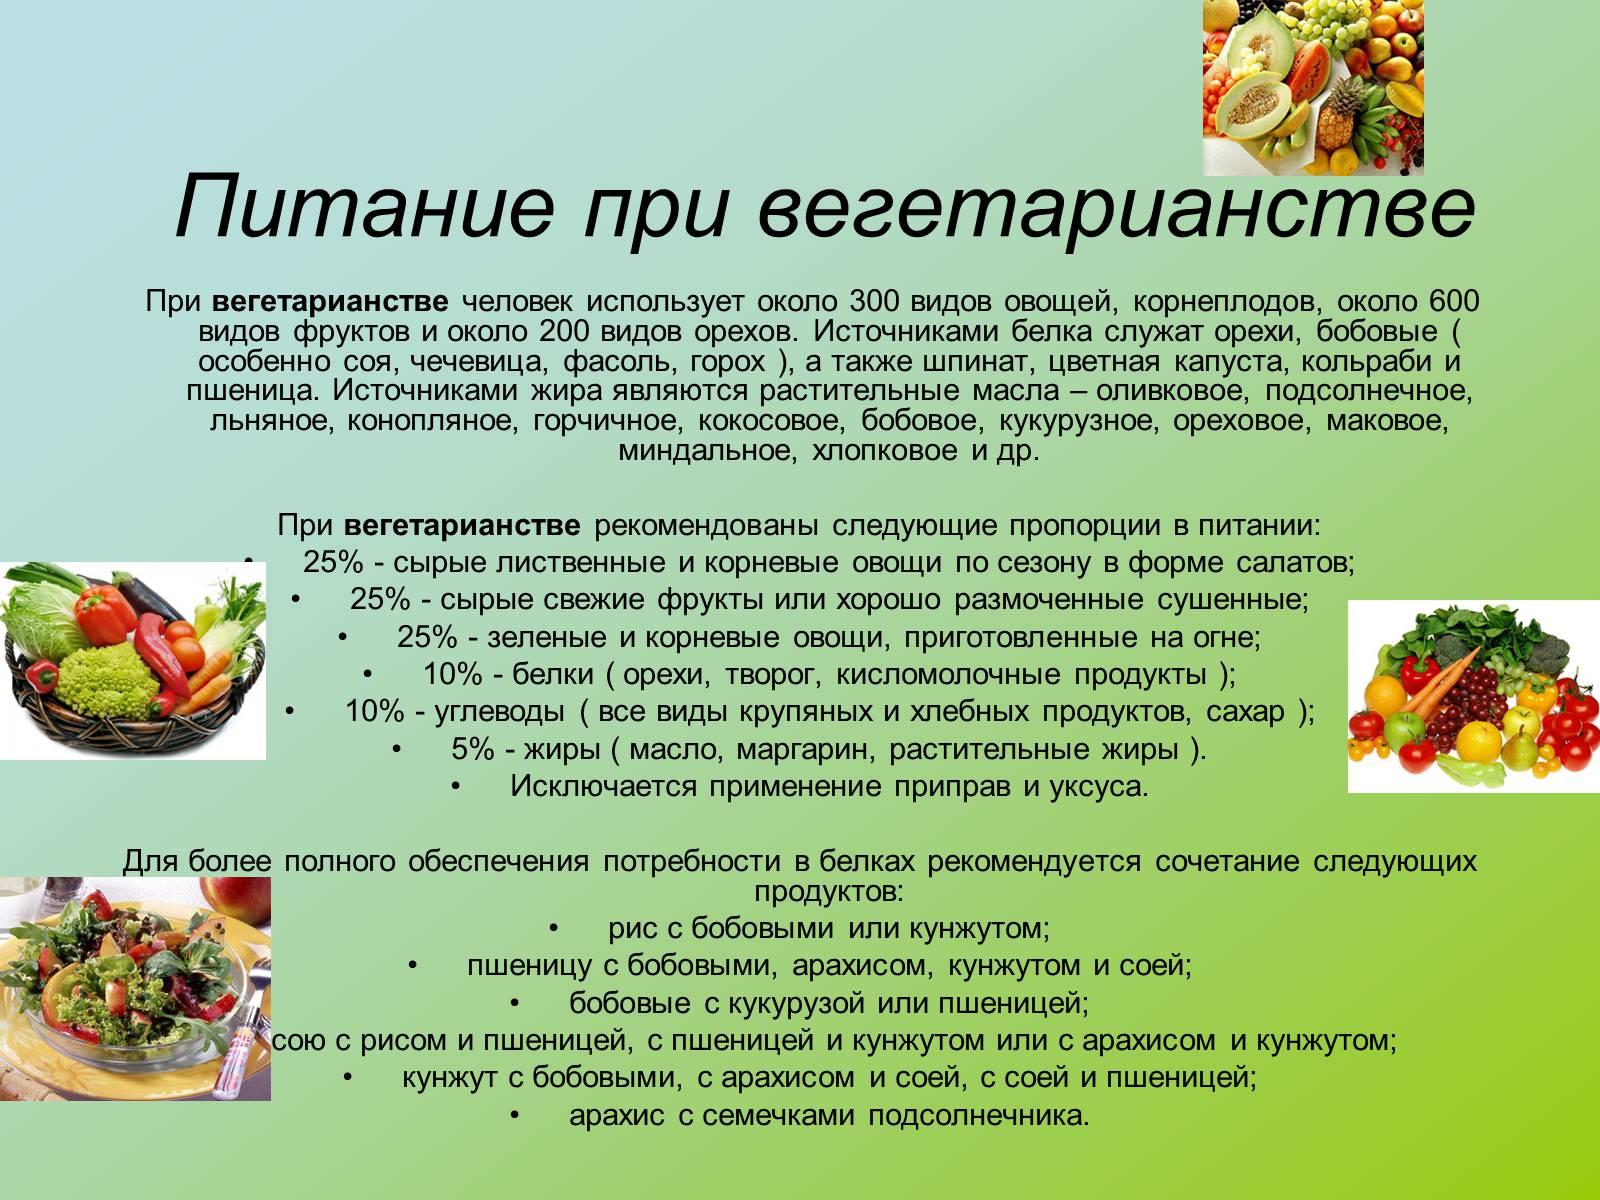 Диета За 2 Недели Вегетарианская Диета. Вегетарианство — лучшая диета для похудения. Виды вегетарианских диет, меню и рецепты